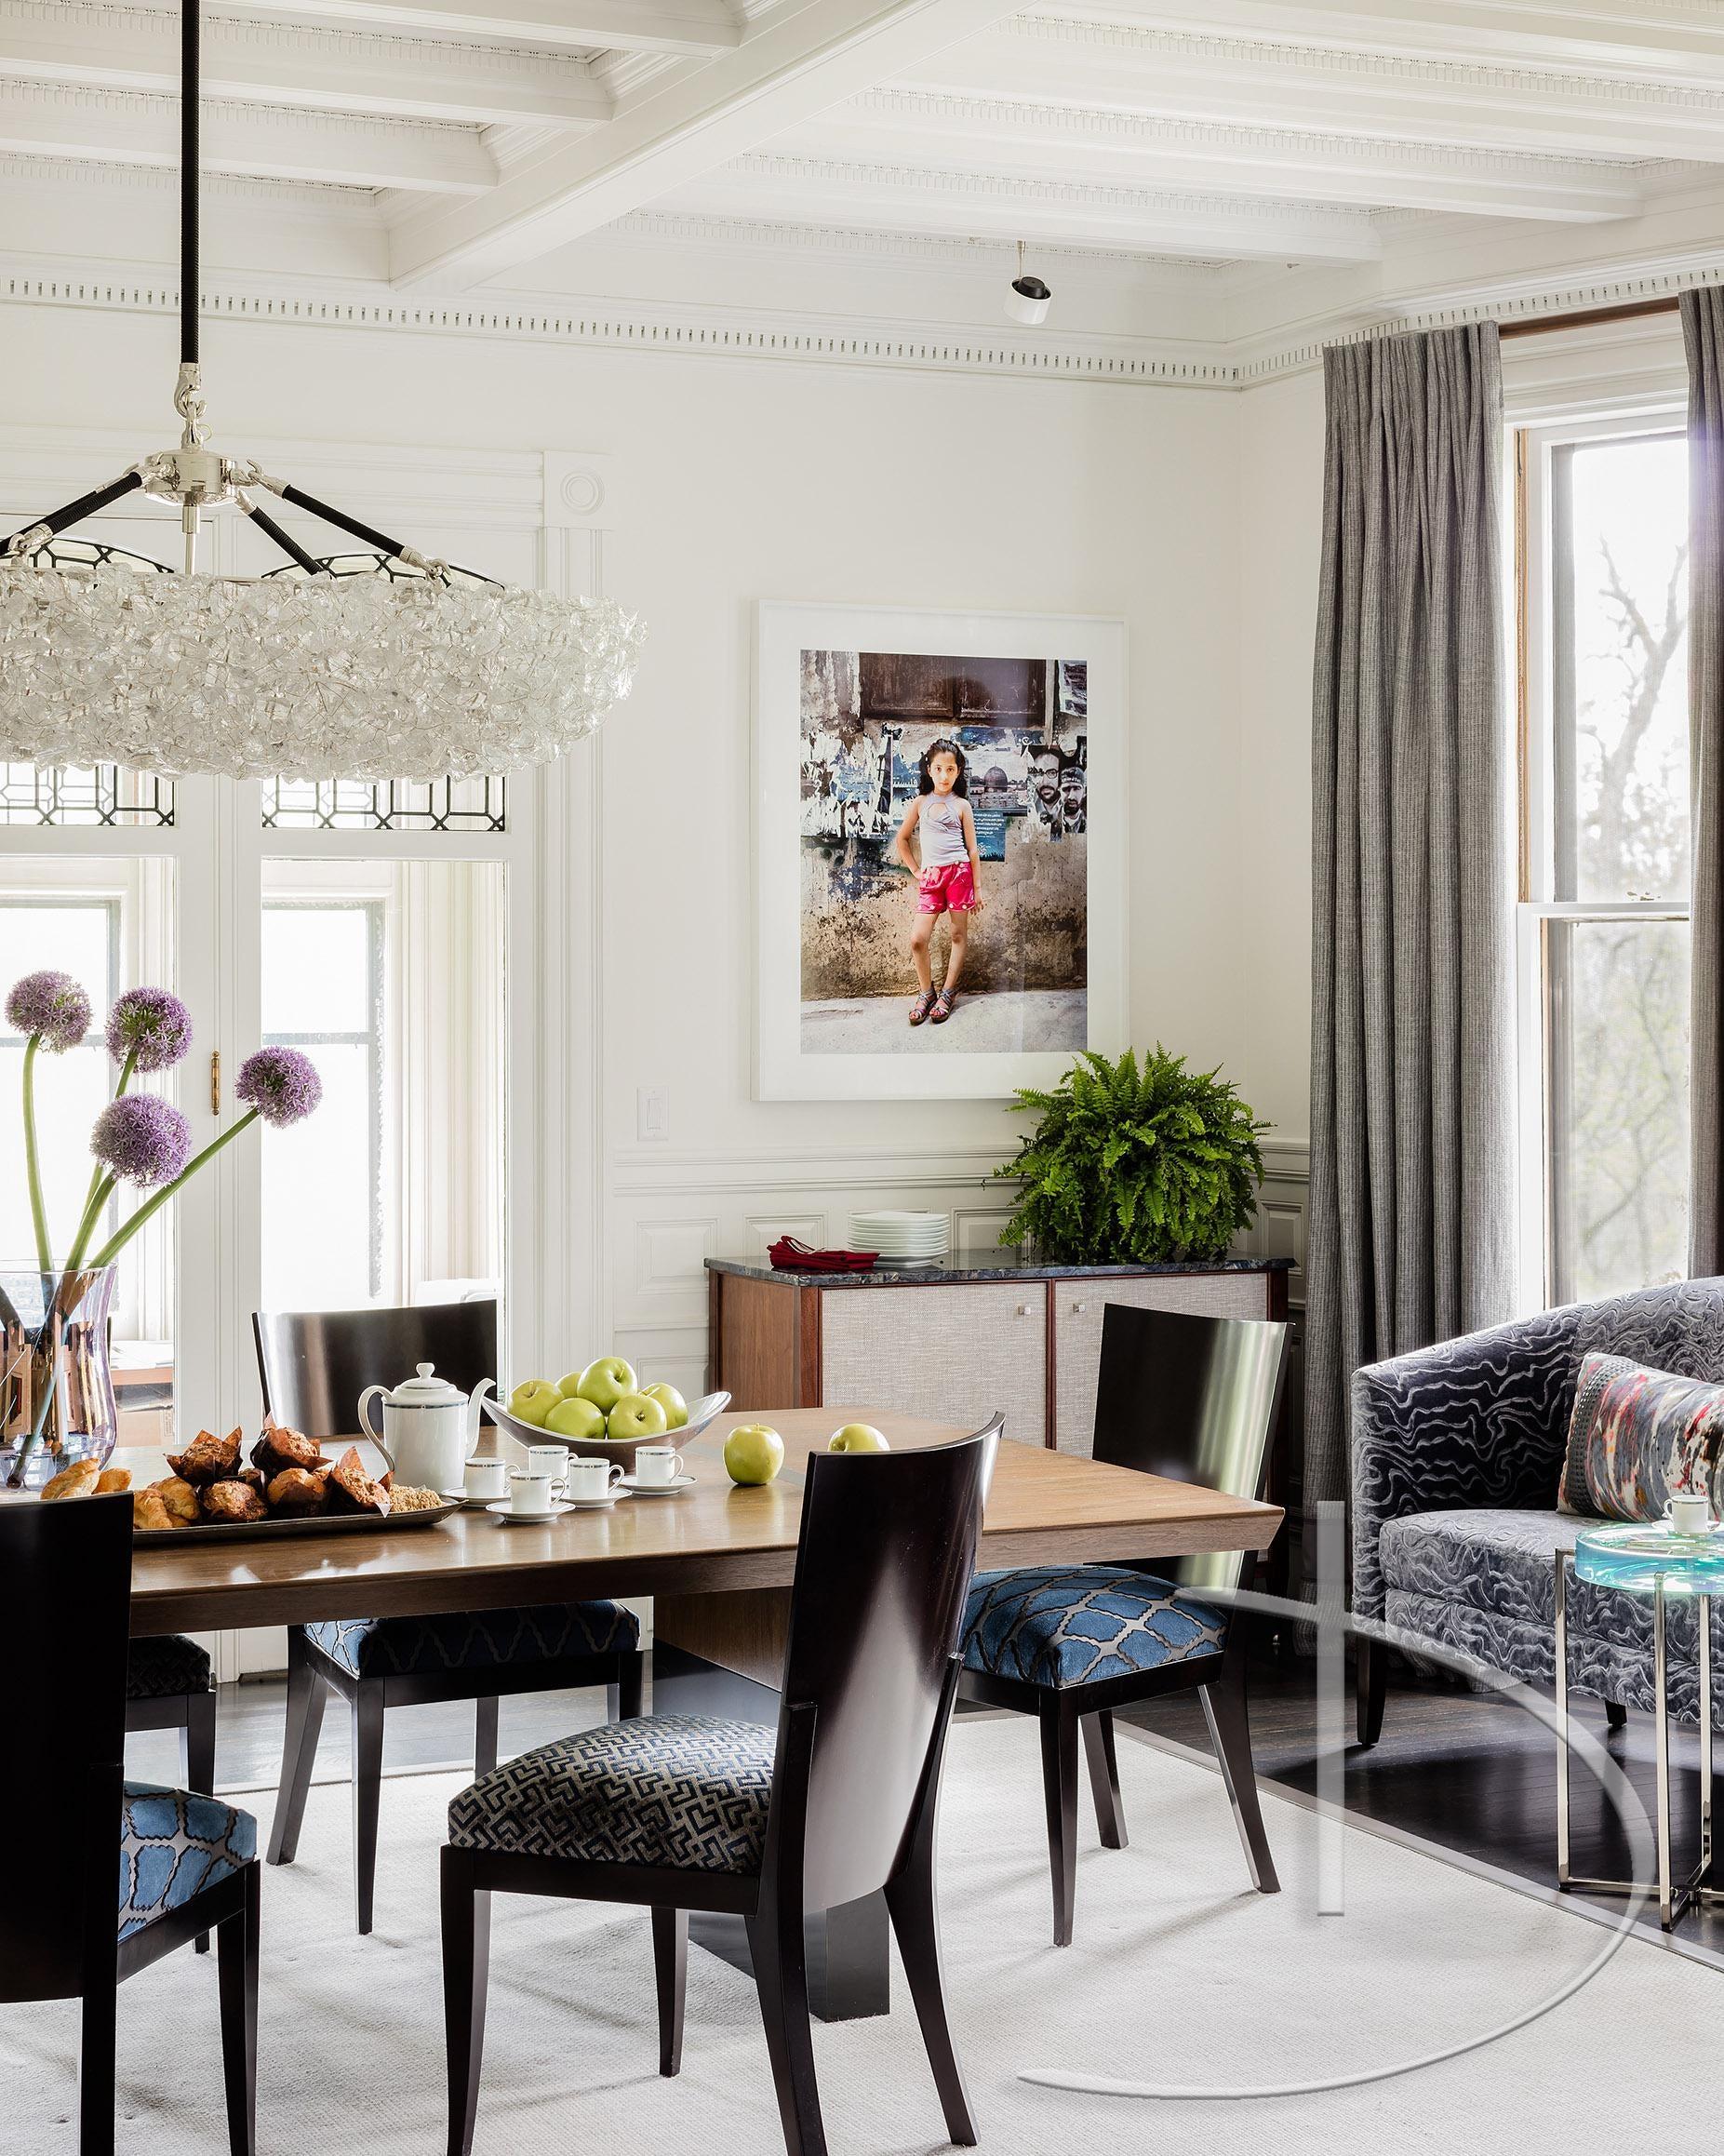 87509.daher.interior.design.portfolio.interiors.dining